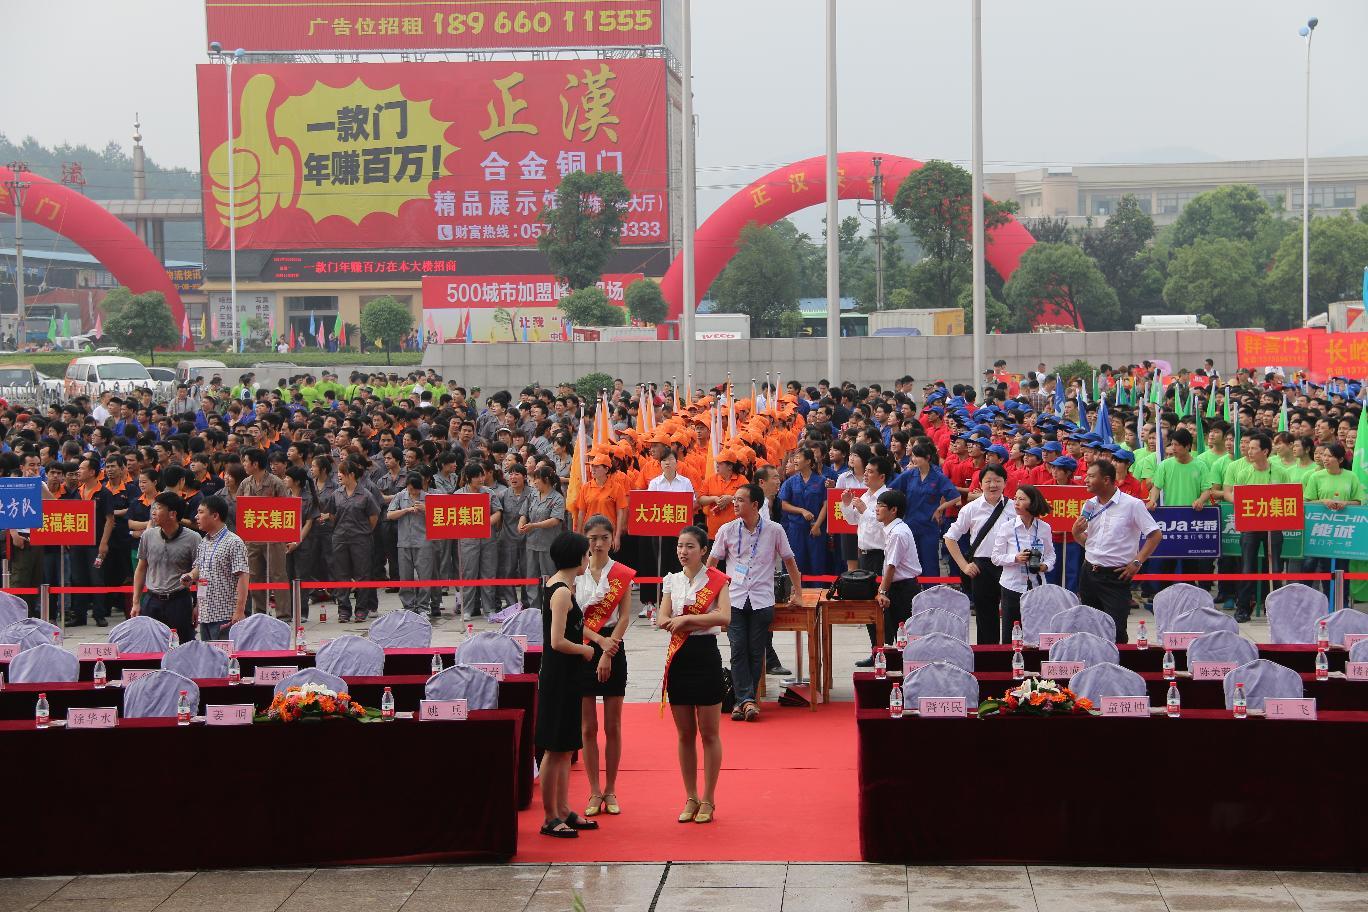 2014年第五届门博会开幕式方阵